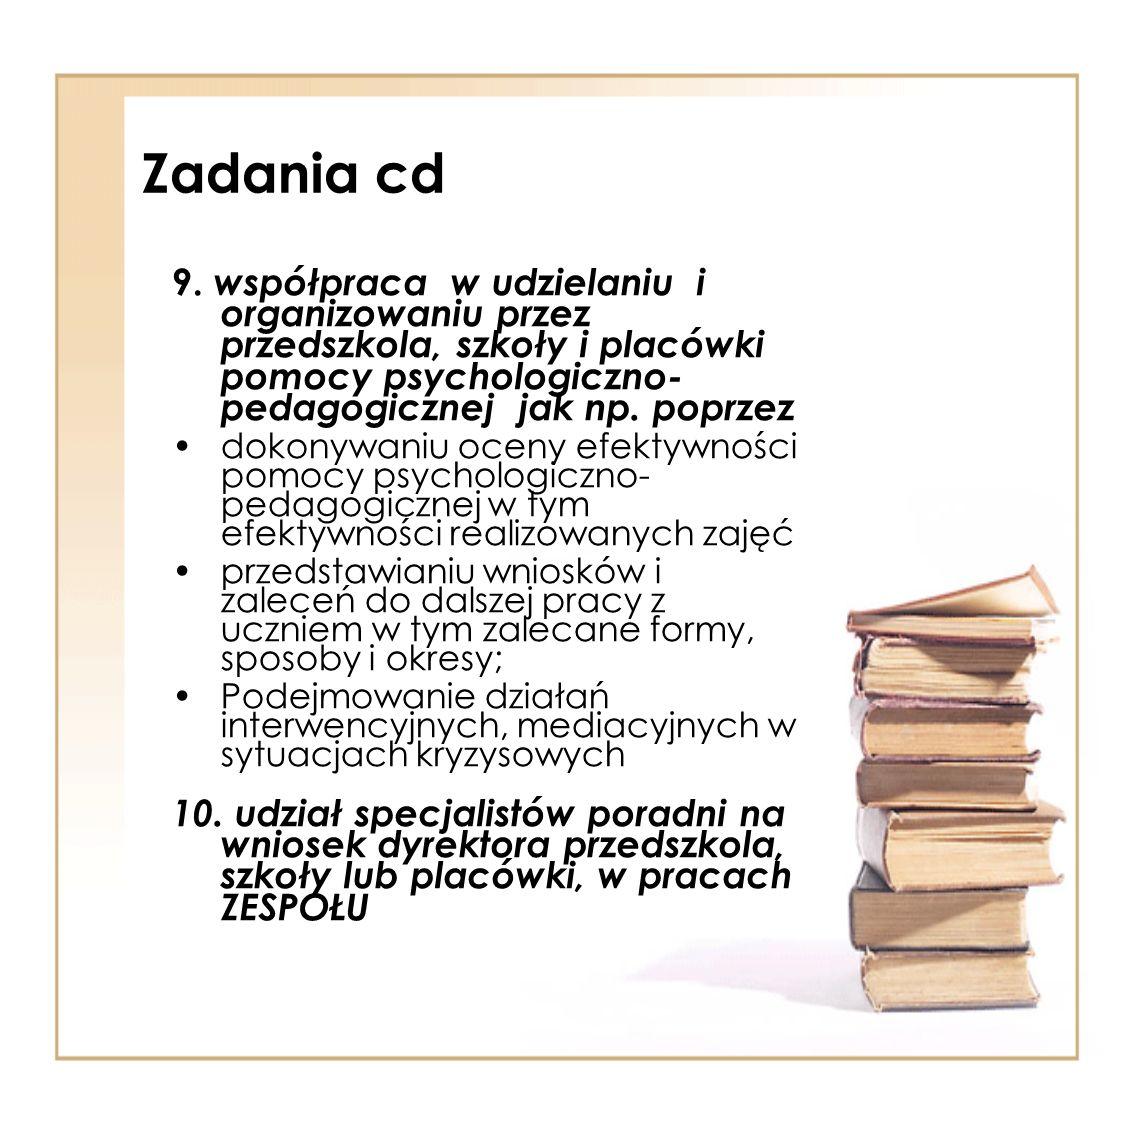 Zadania cd 9. współpraca w udzielaniu i organizowaniu przez przedszkola, szkoły i placówki pomocy psychologiczno- pedagogicznej jak np. poprzez dokony